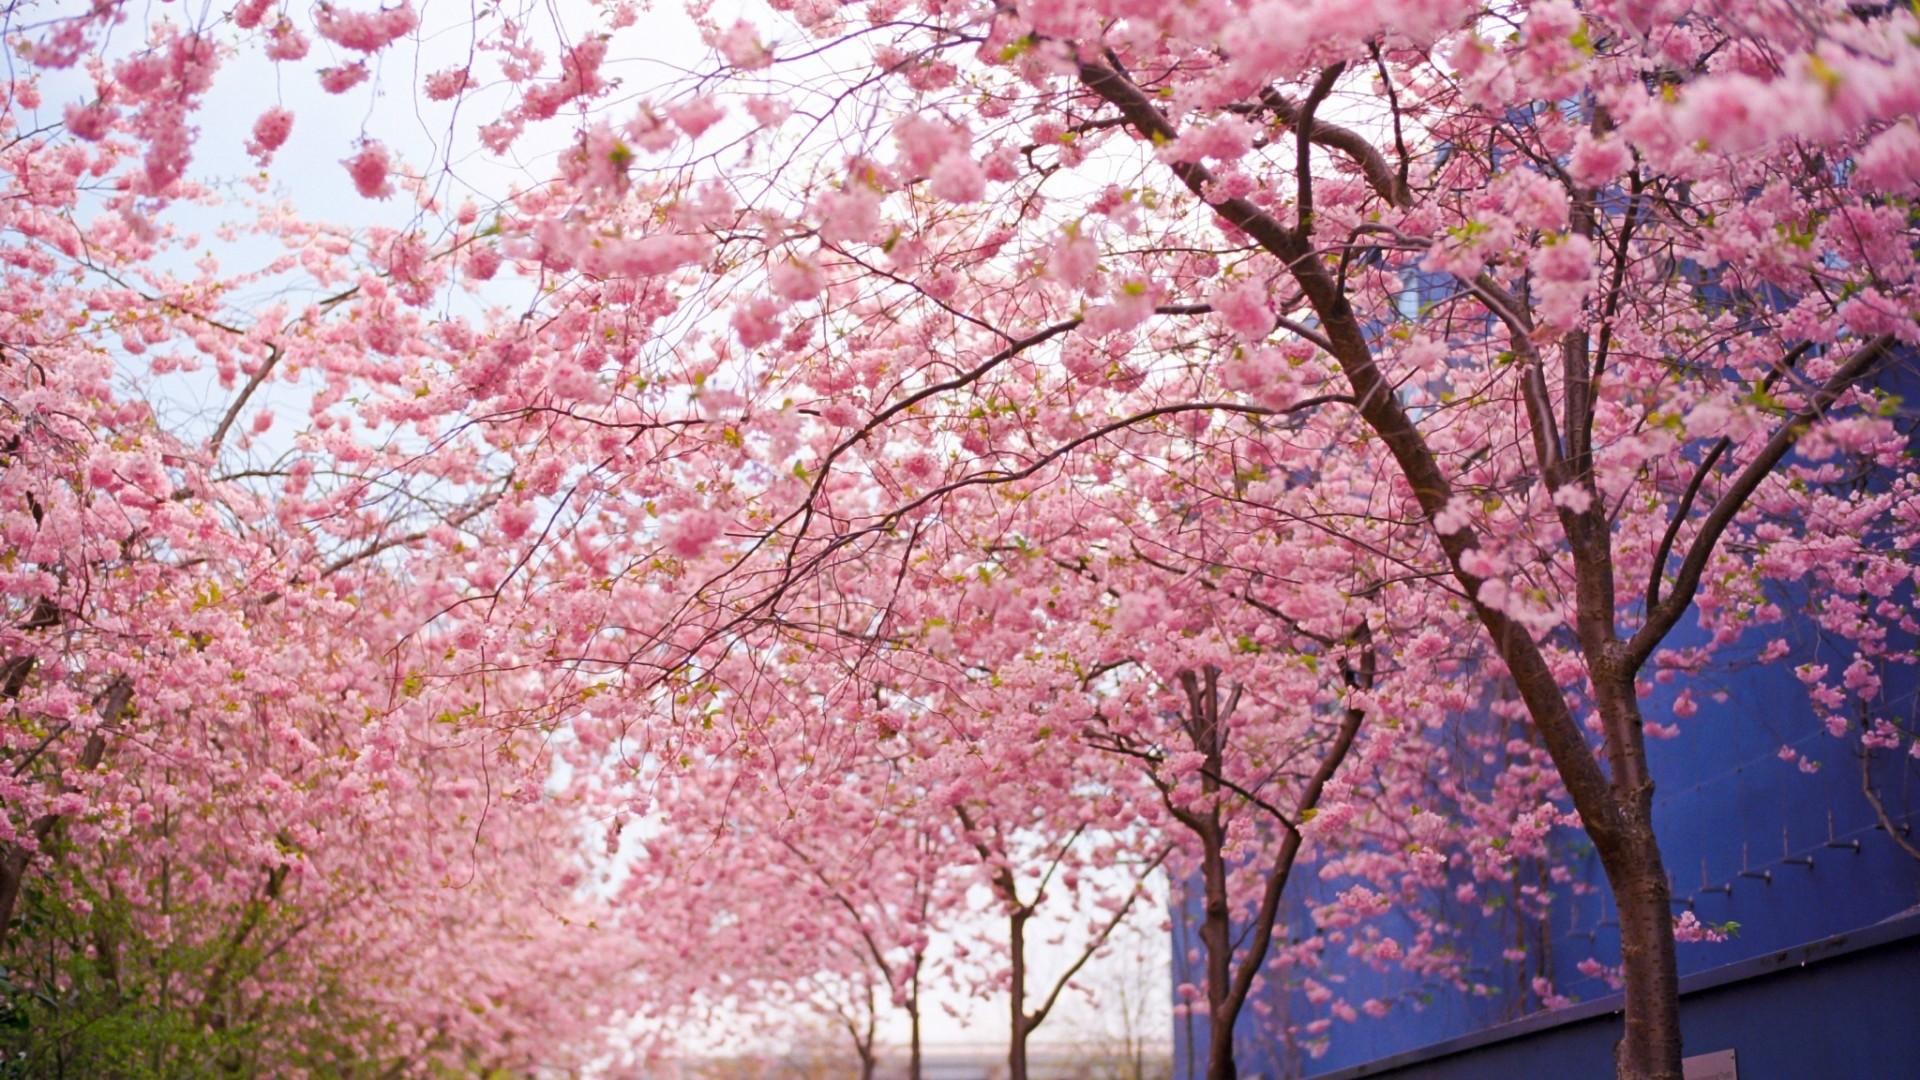 … Japanese Cherry Blossom Garden Wallpaper